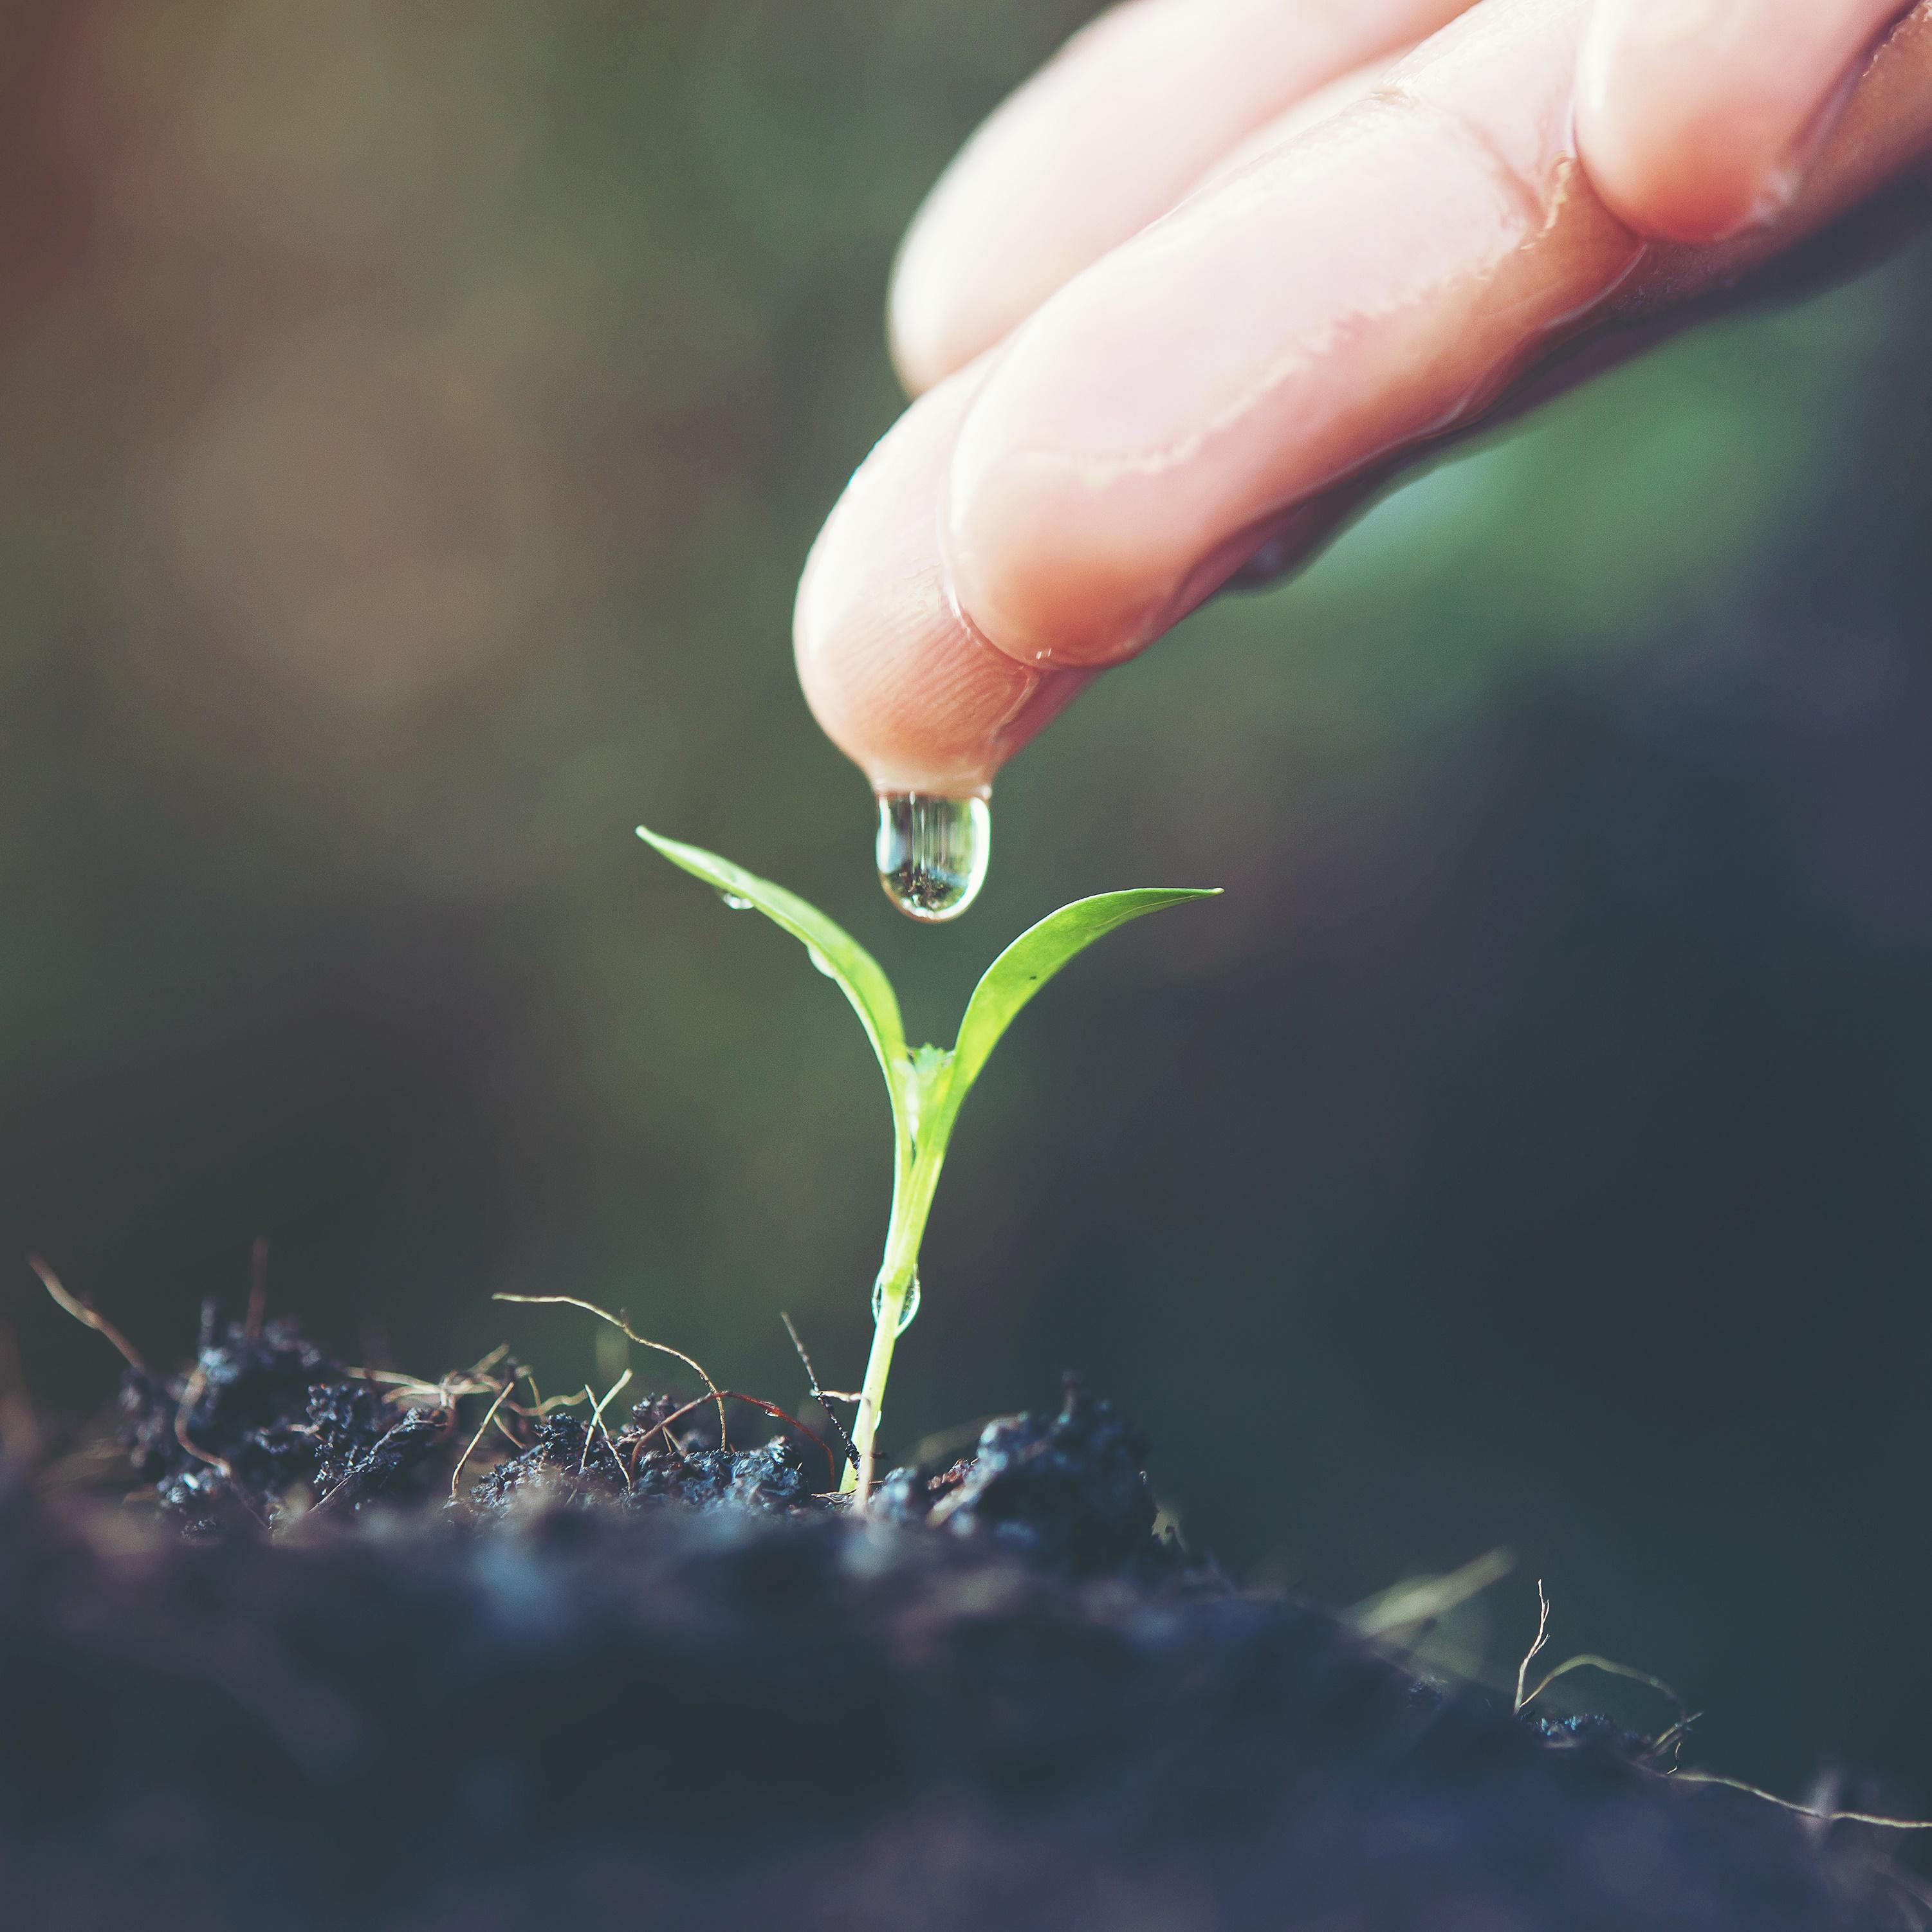 Kırsal Kalkınma Destekleri 13. Etap Kapsamında Tarıma Dayalı Yatırımların Desteklenmesi Programı Yayımlandı